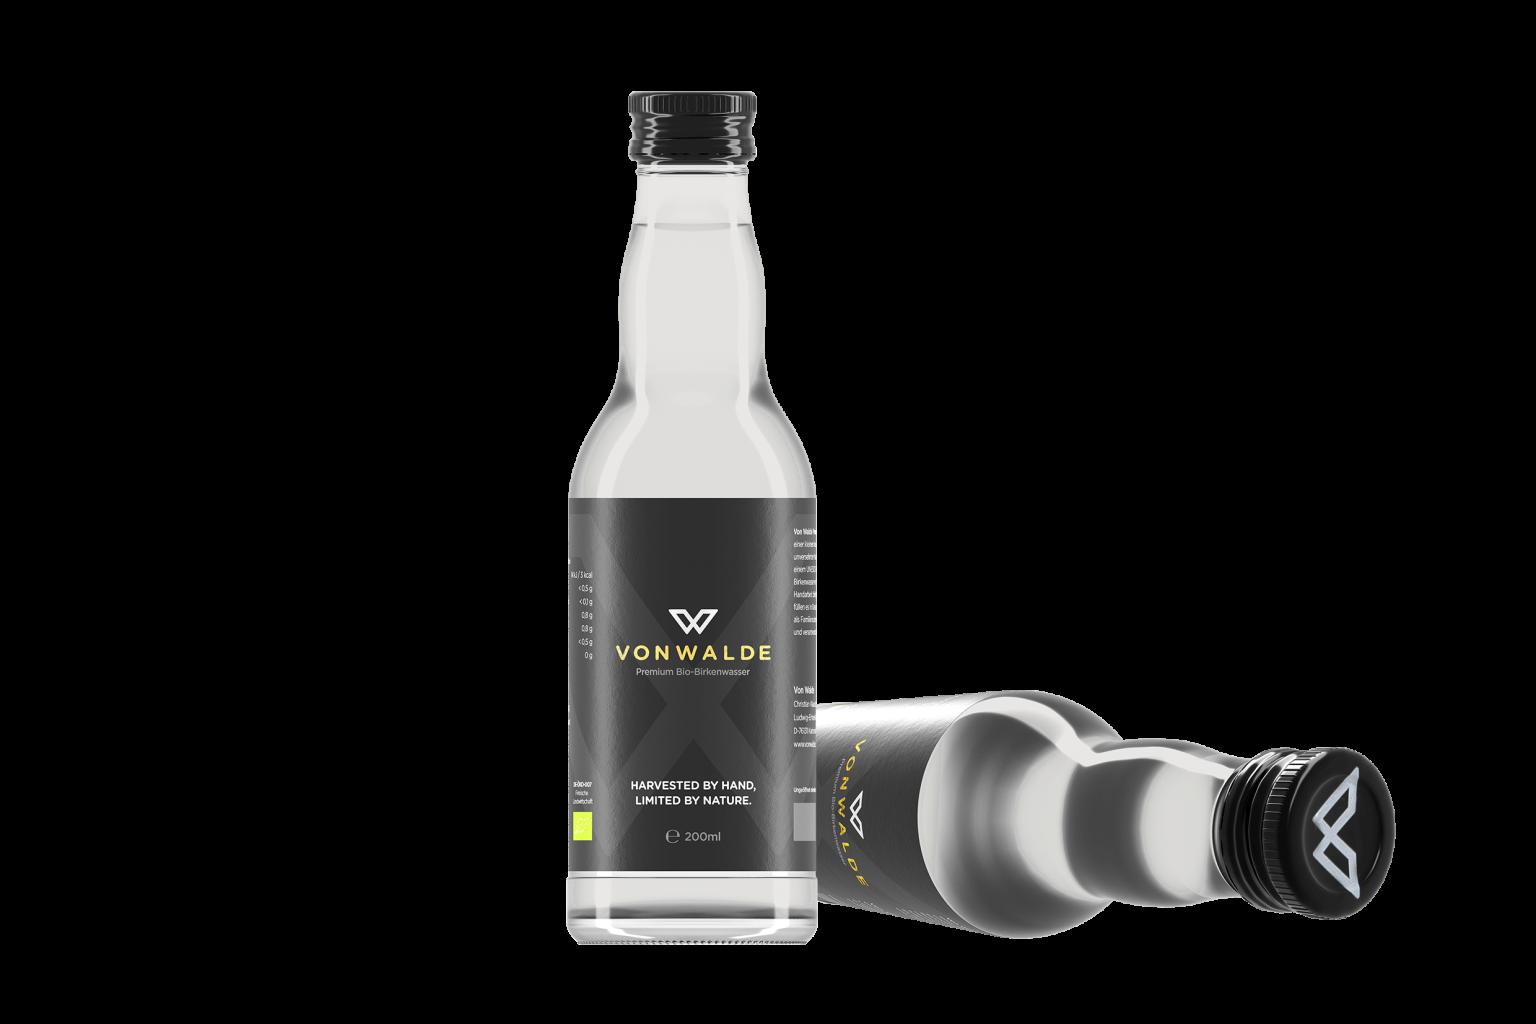 HOCH WERK STUDIOS Foto Film Agentur Karlsruhe Stuttgart vonwalde Produktaufnahme Birkenwasser Flasche